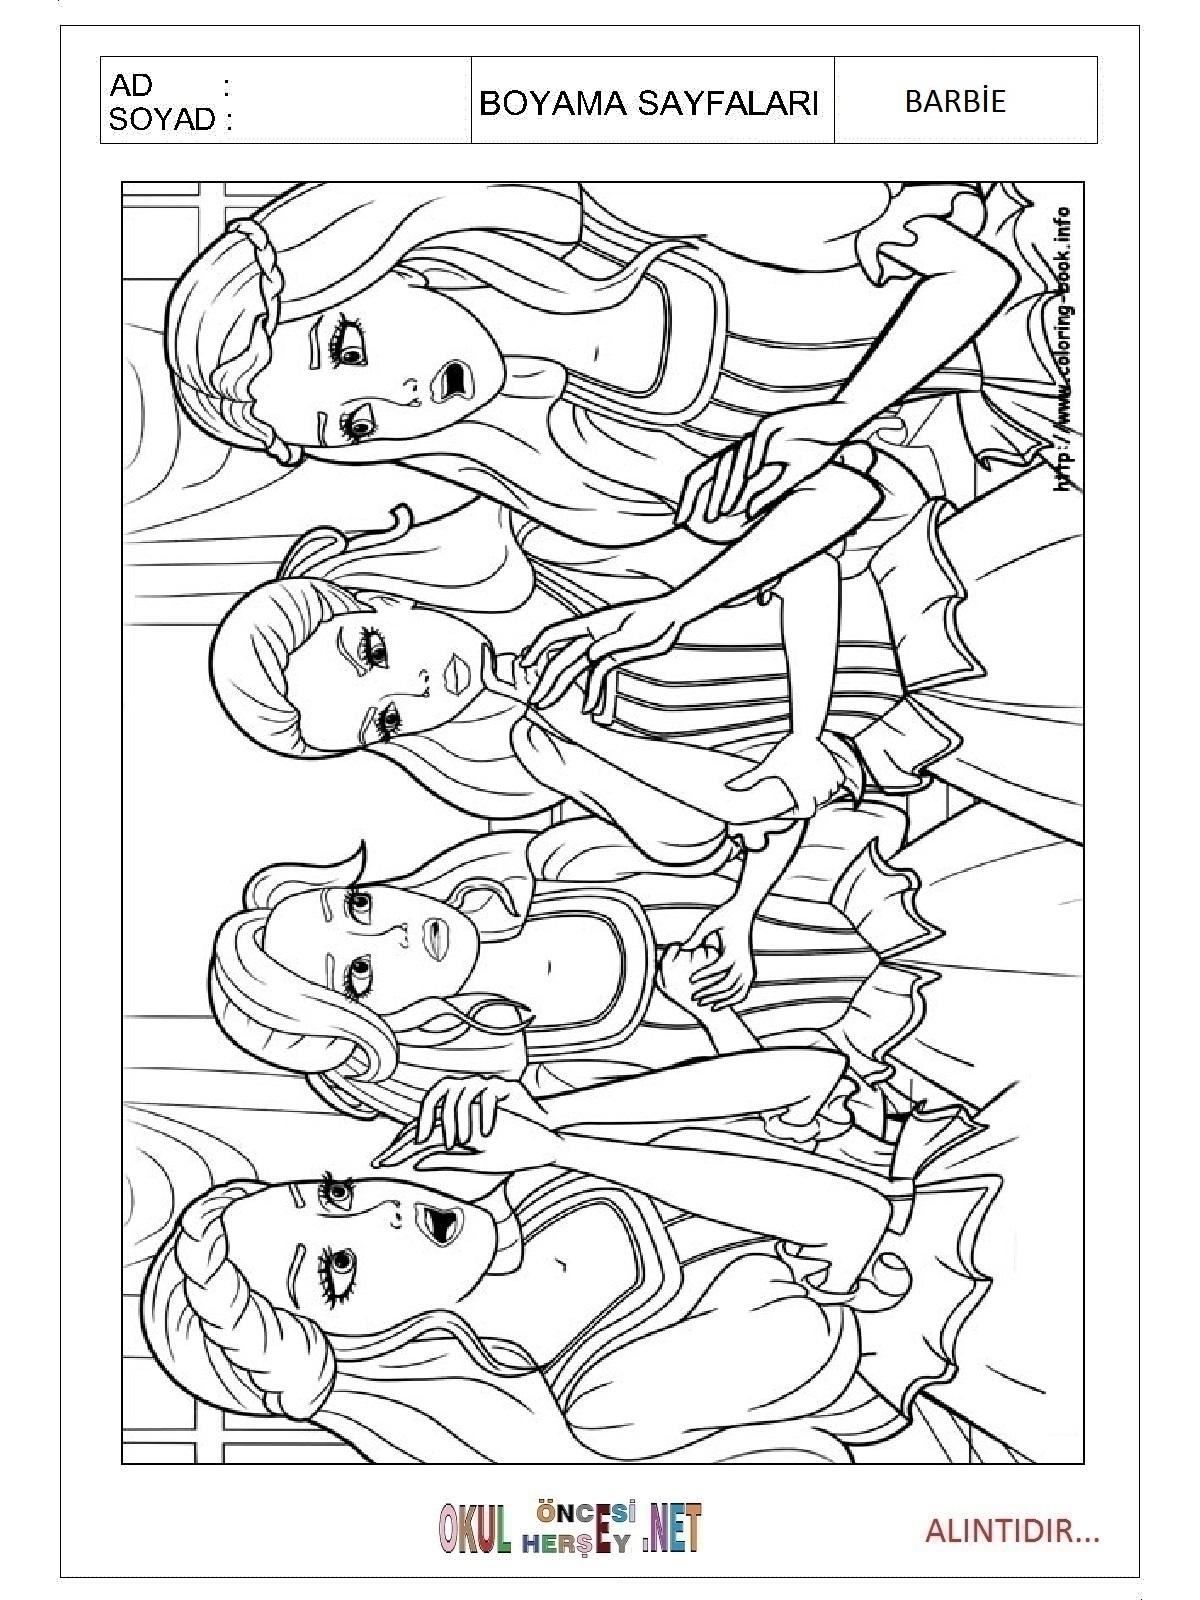 En güzel barbie boyama sayfaları